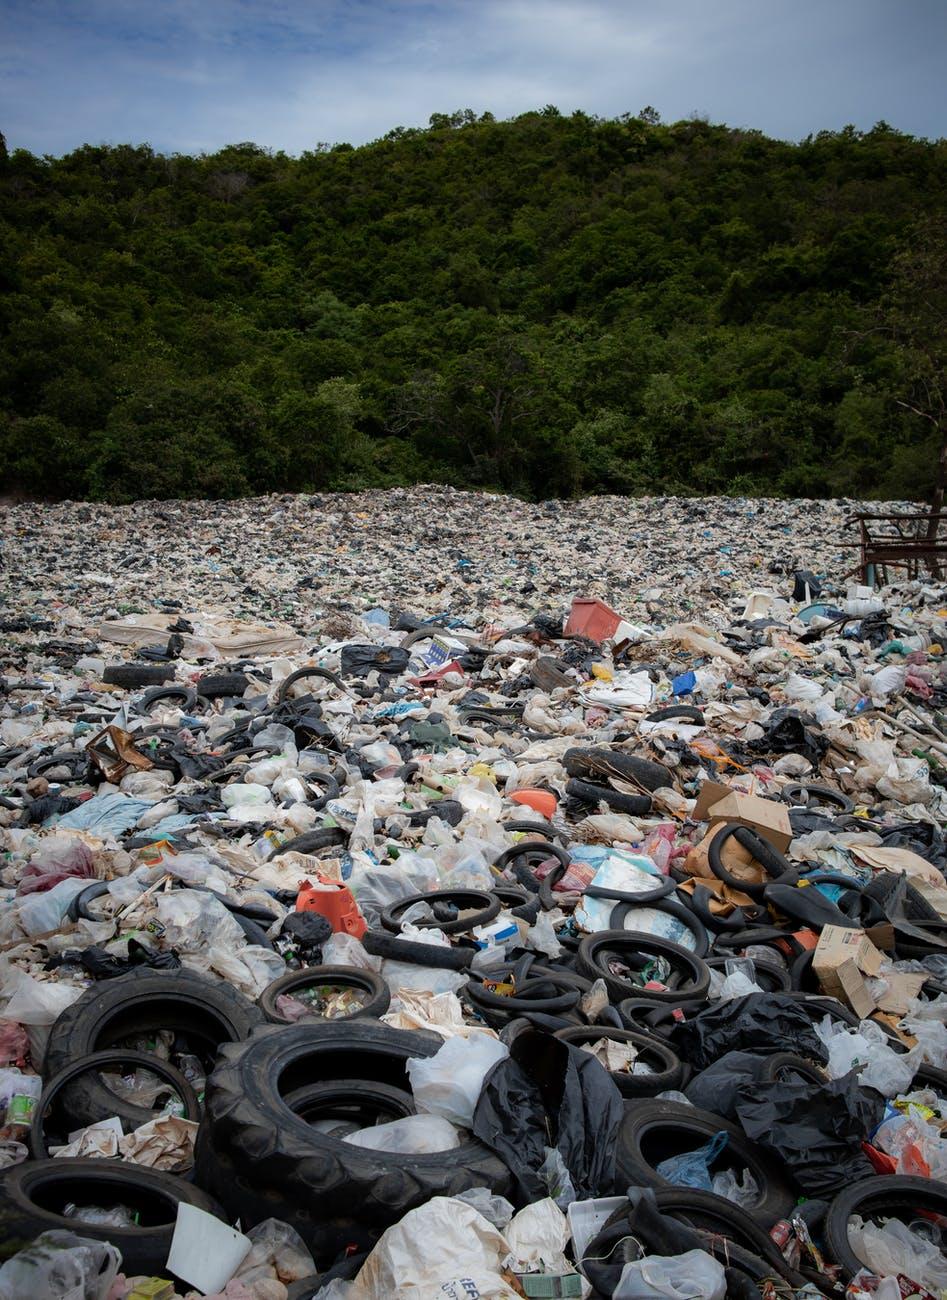 landfill near trees